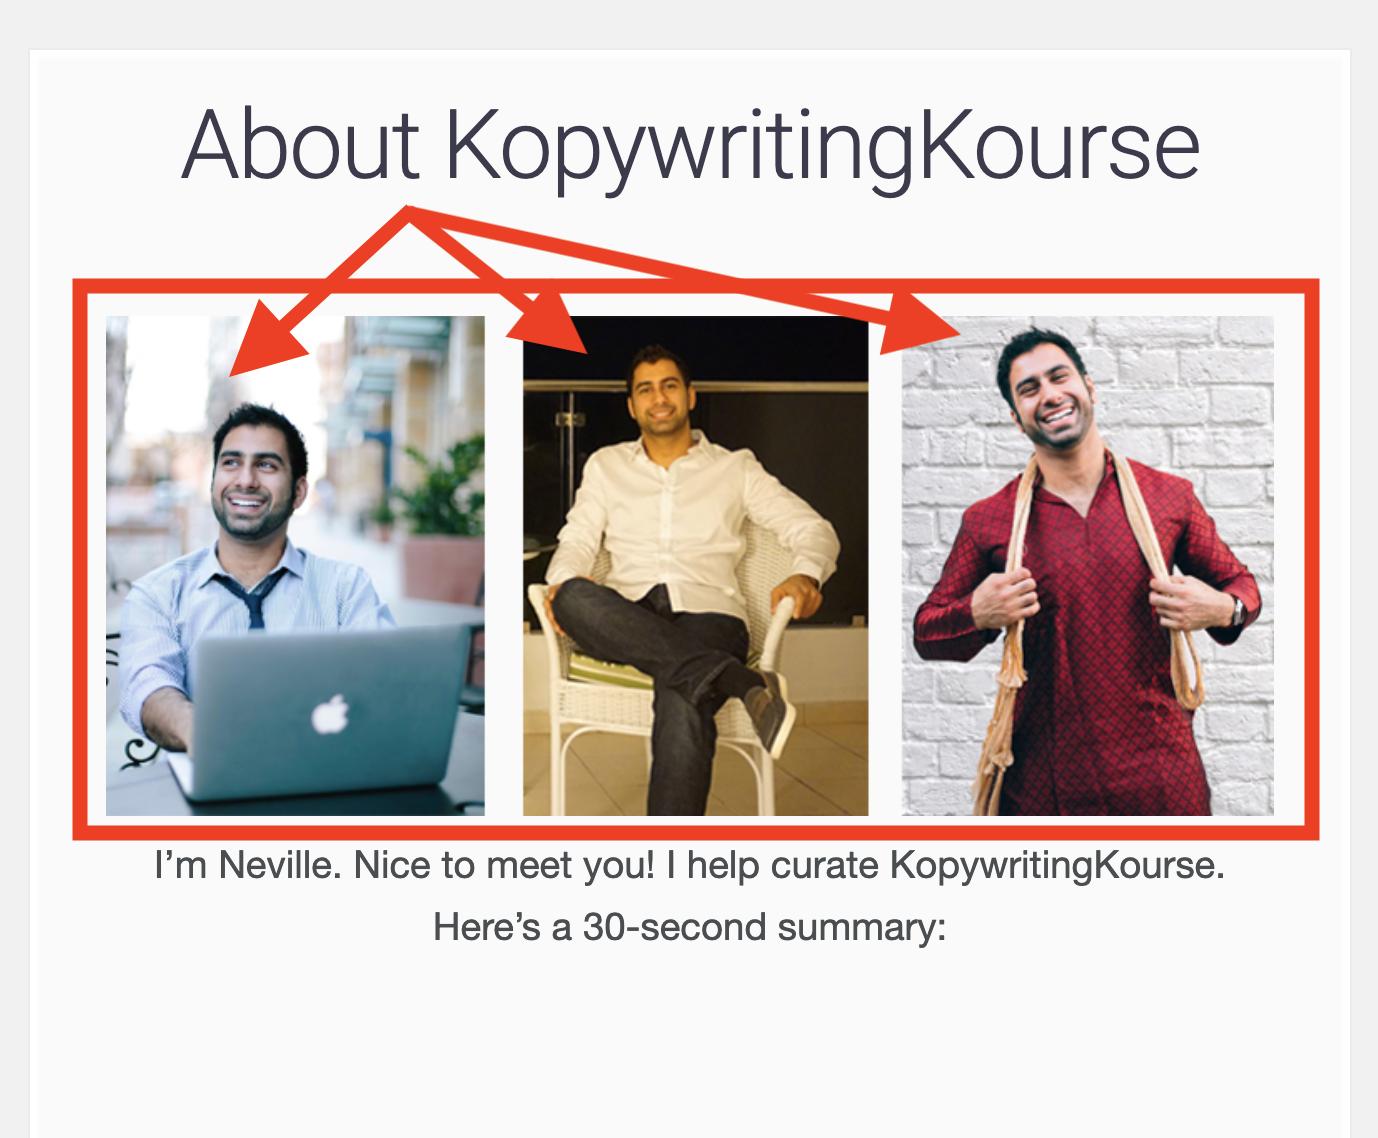 KopywritingKourse About page